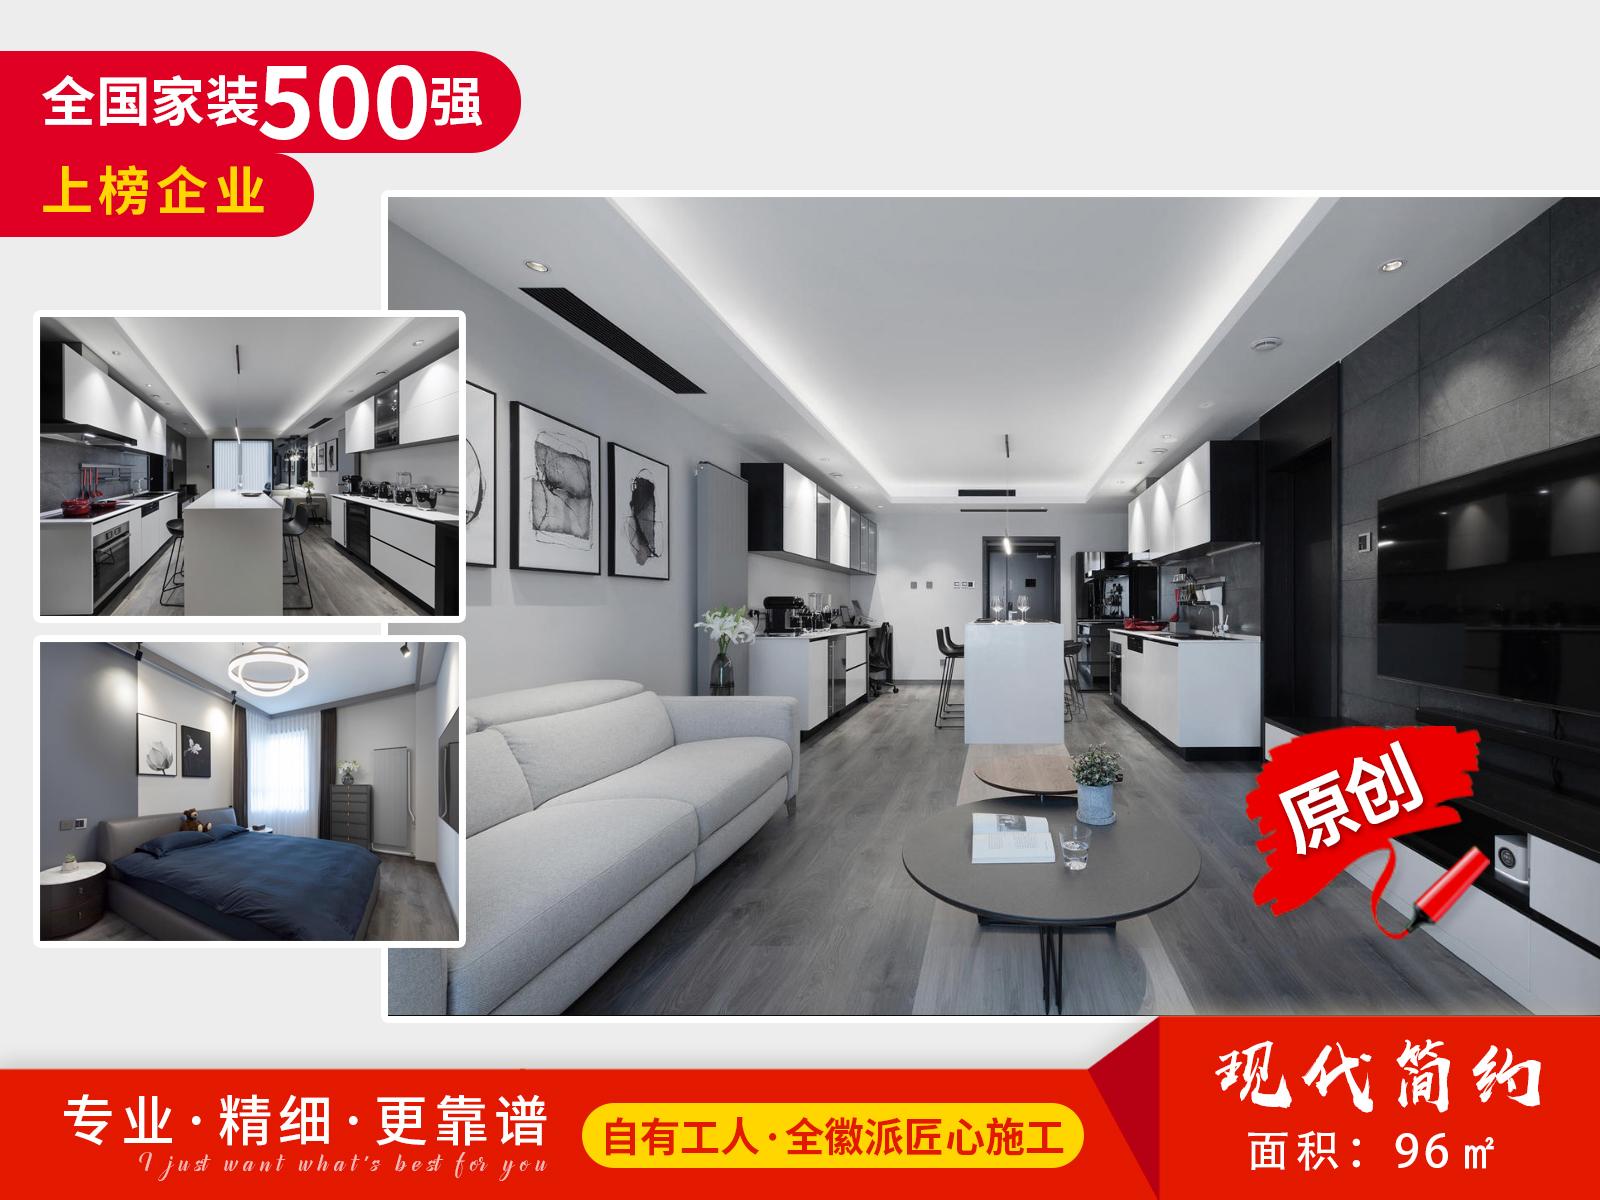 天津市北马路与东马路交口艺术公寓